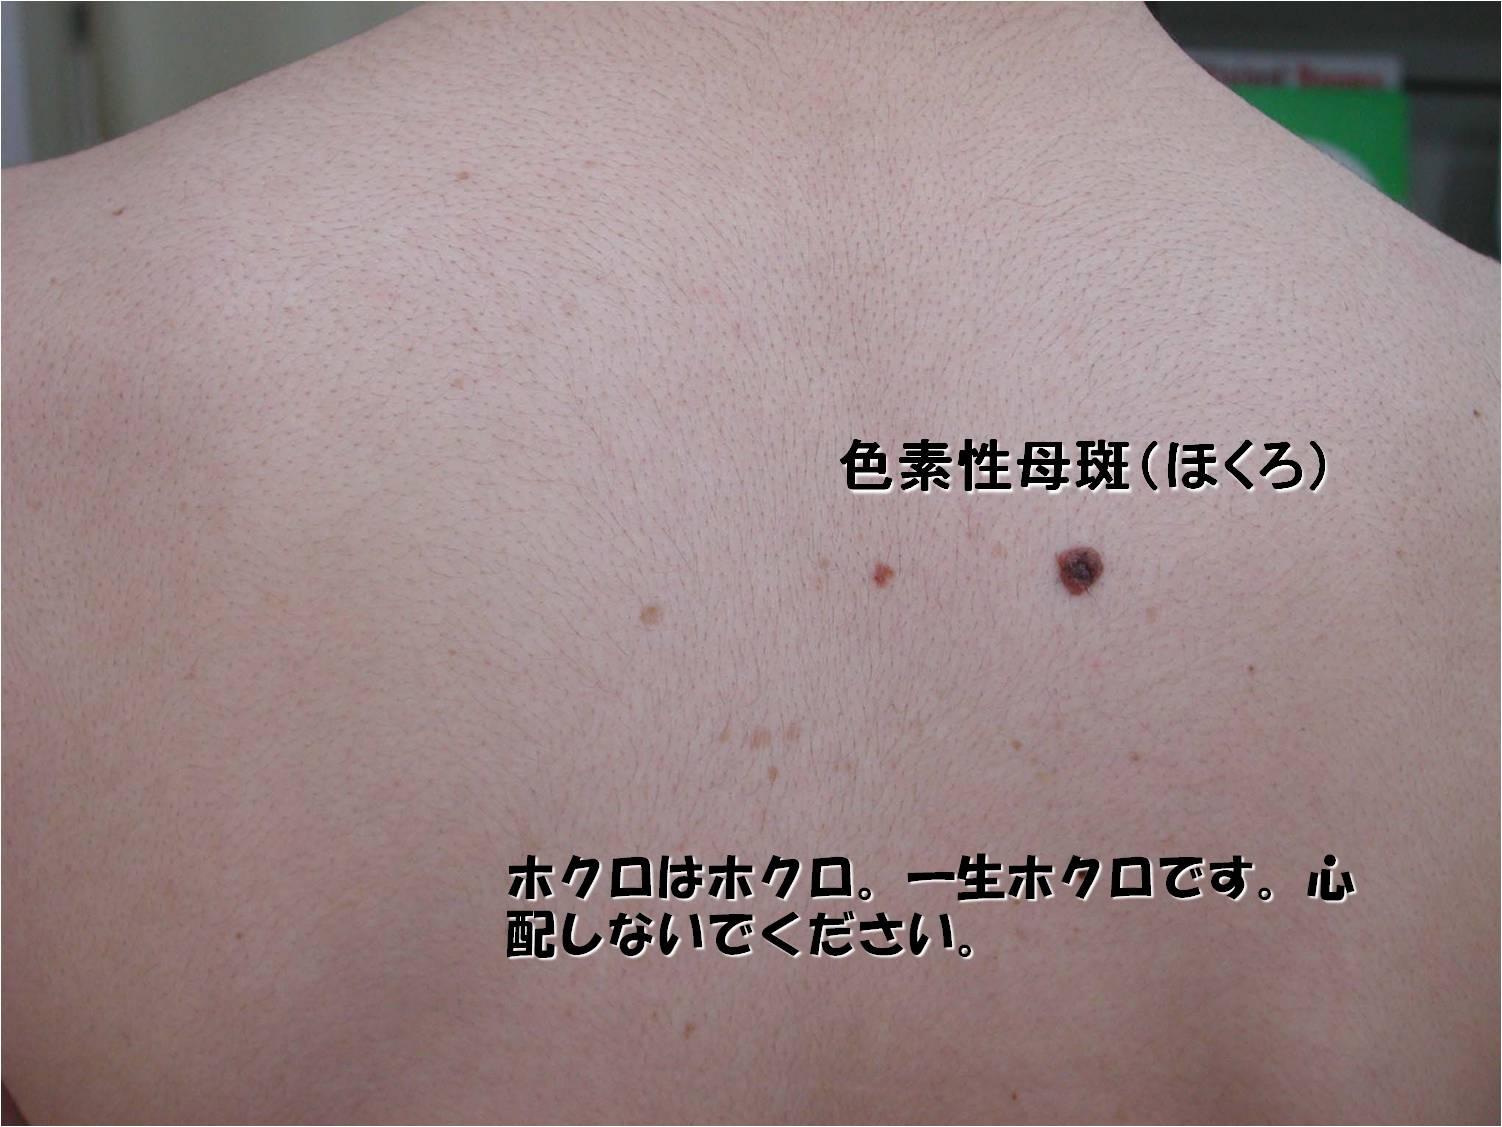 2013年10月26日教室 『皮膚の腫瘍 -放っておいて良いの?皮膚ガンなの?』_c0219616_19563124.jpg